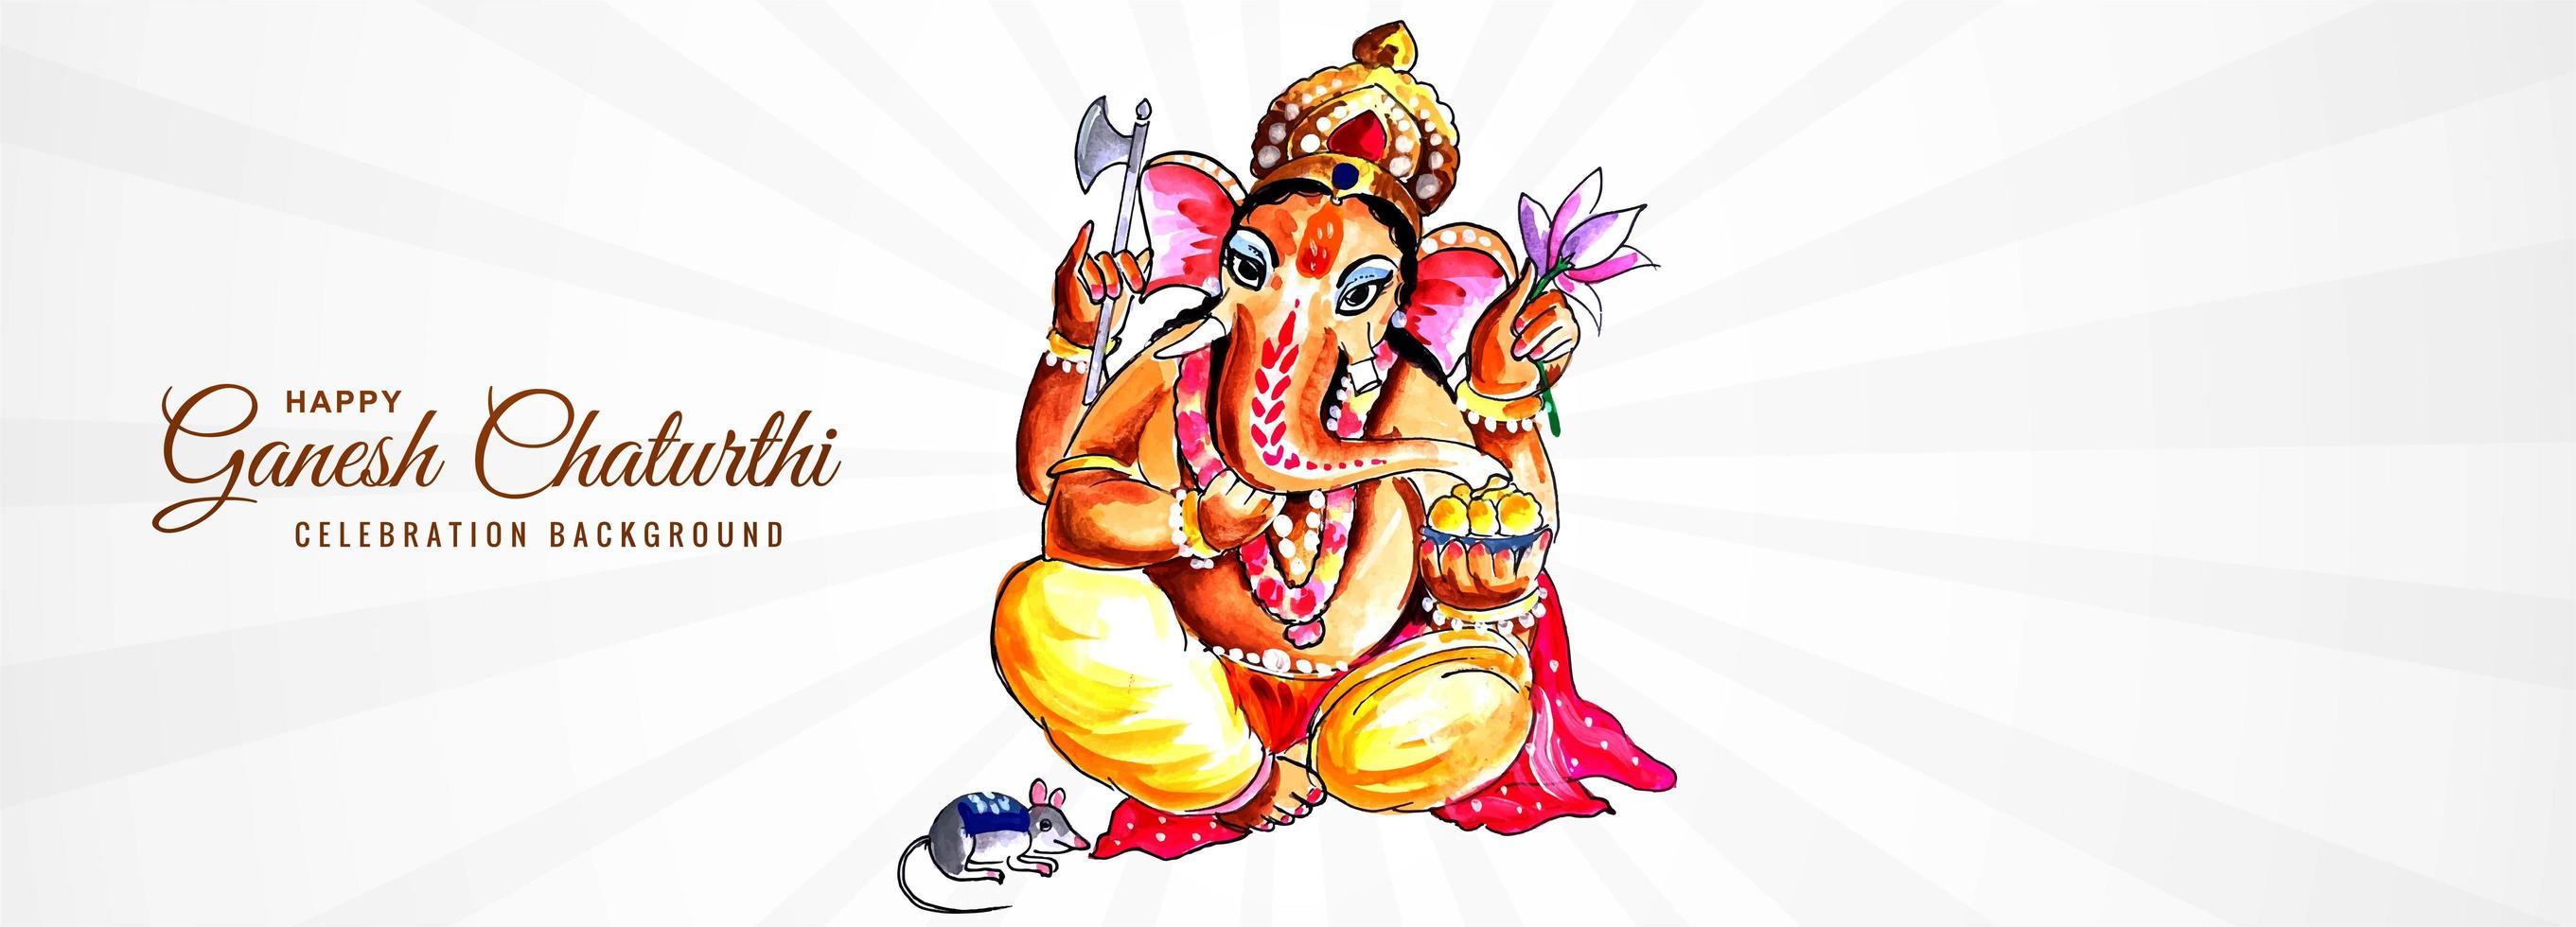 heer ganpati banner voor ganesh chaturthi achtergrond vector